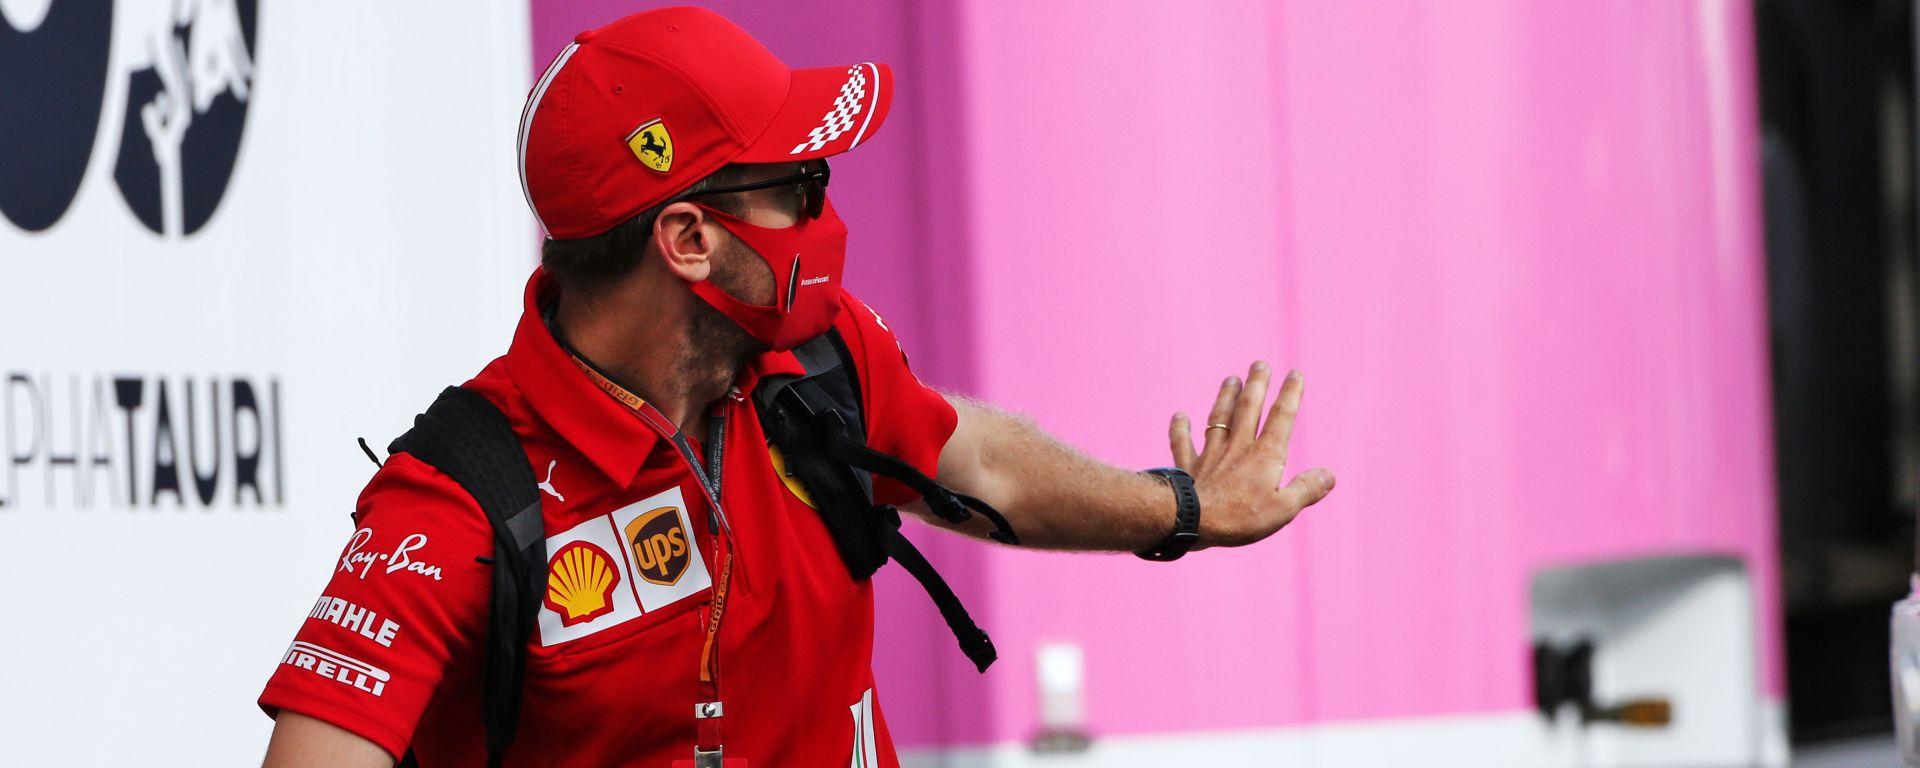 F1, GP Toscana Ferrari 1000: Sebastian Vettel (Ferrari)